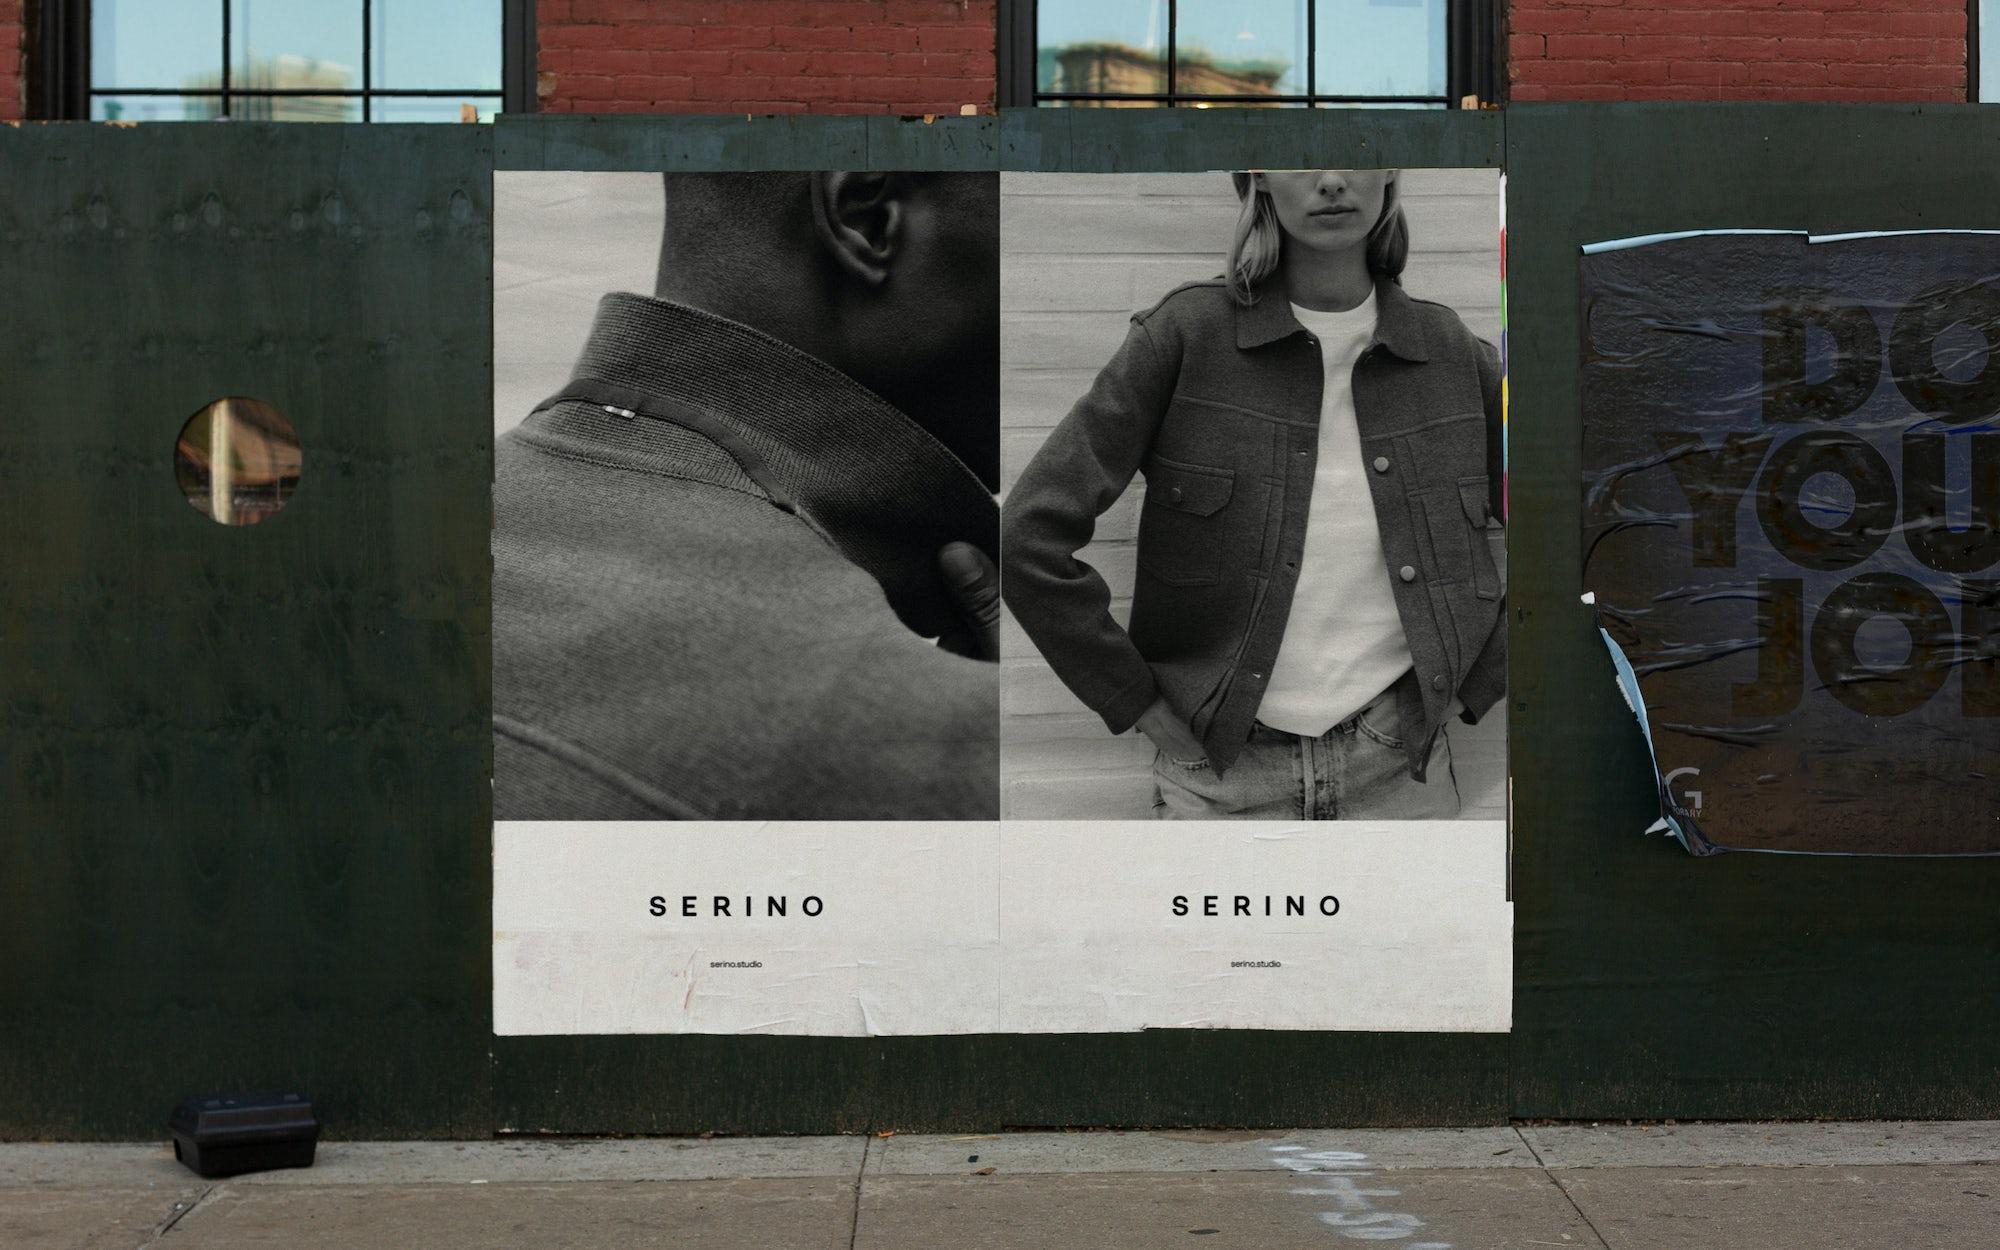 Serino Studio - Campaign Design